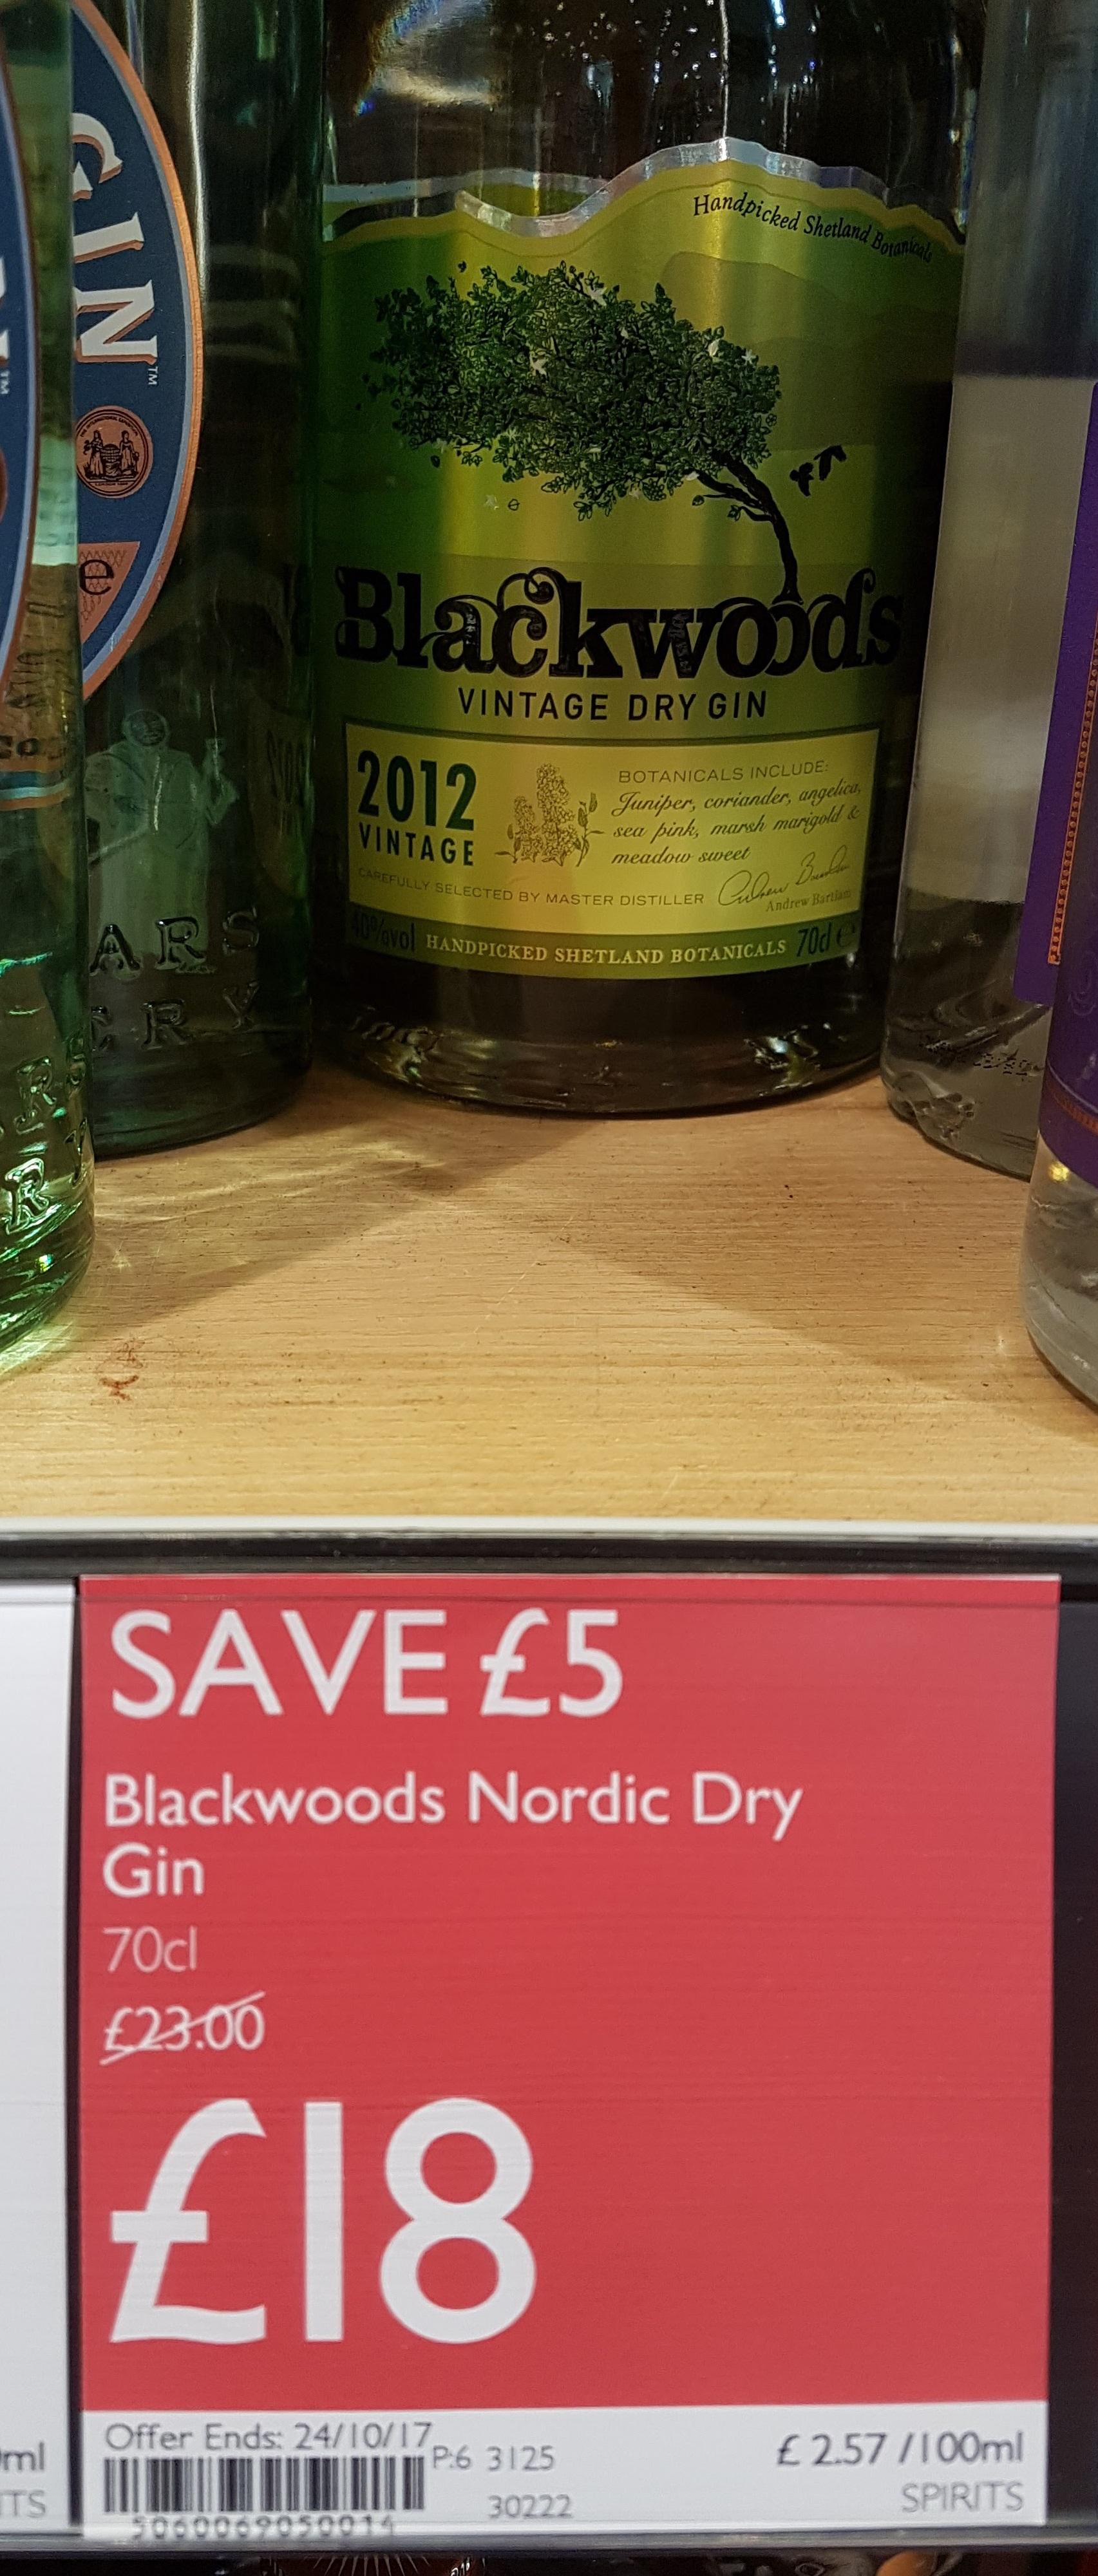 Blackwoods 2012 Vintage Gin (40%) @ Booths Supermarkets for £18